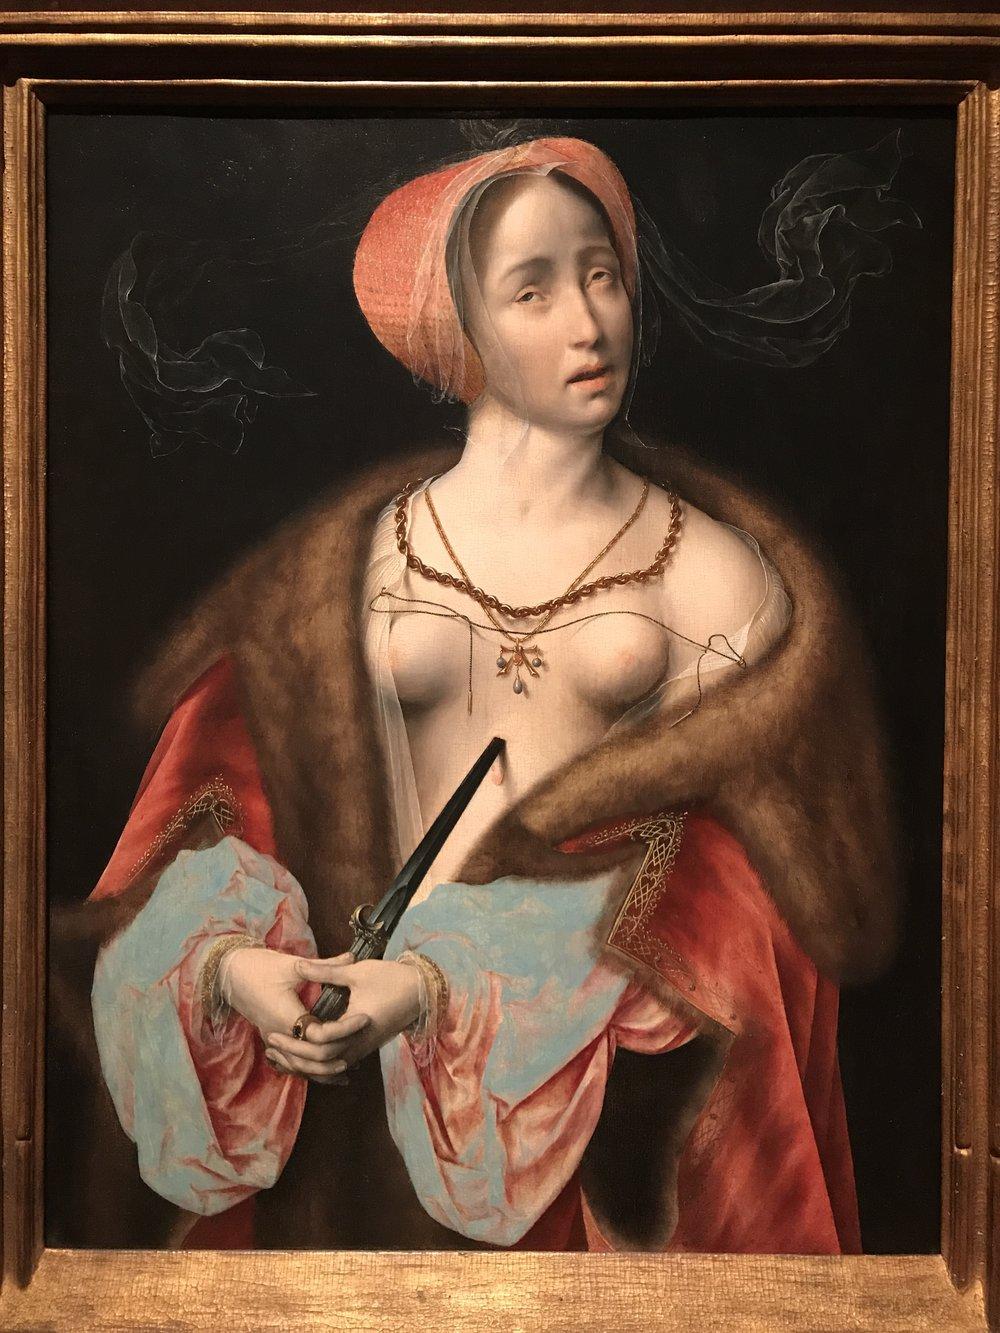 Joos van Cleve, Lucretia, 1525